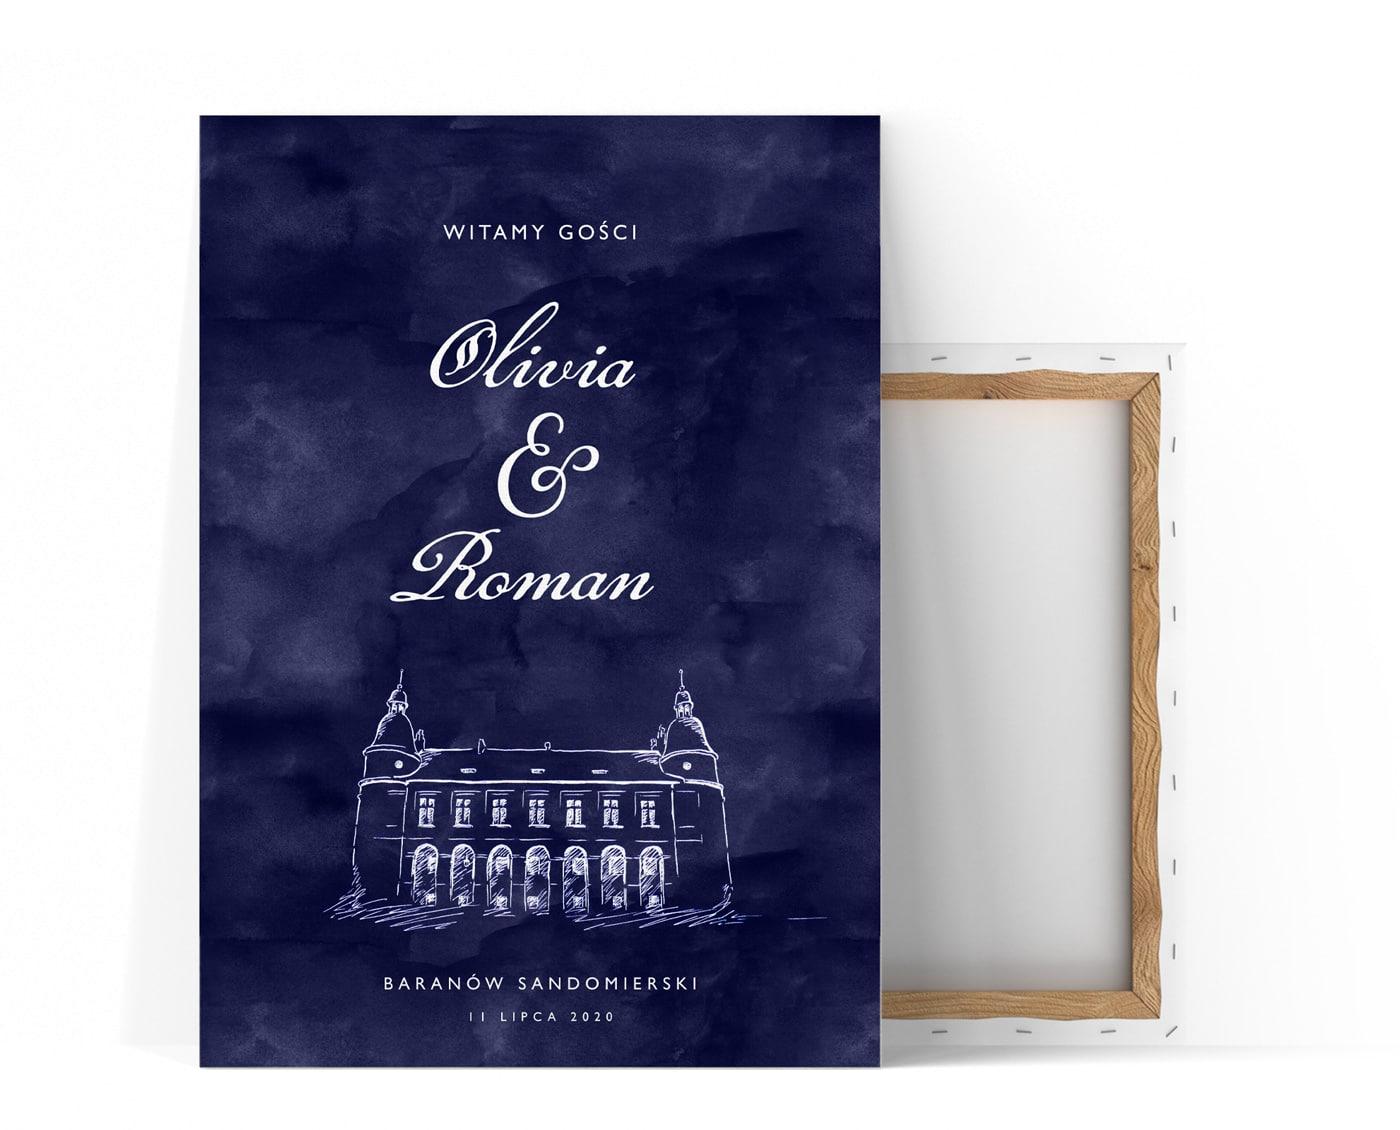 piękna tablica powitalna na wesele, granatowe tło, biała ozdobna czcionka i szkic zamku